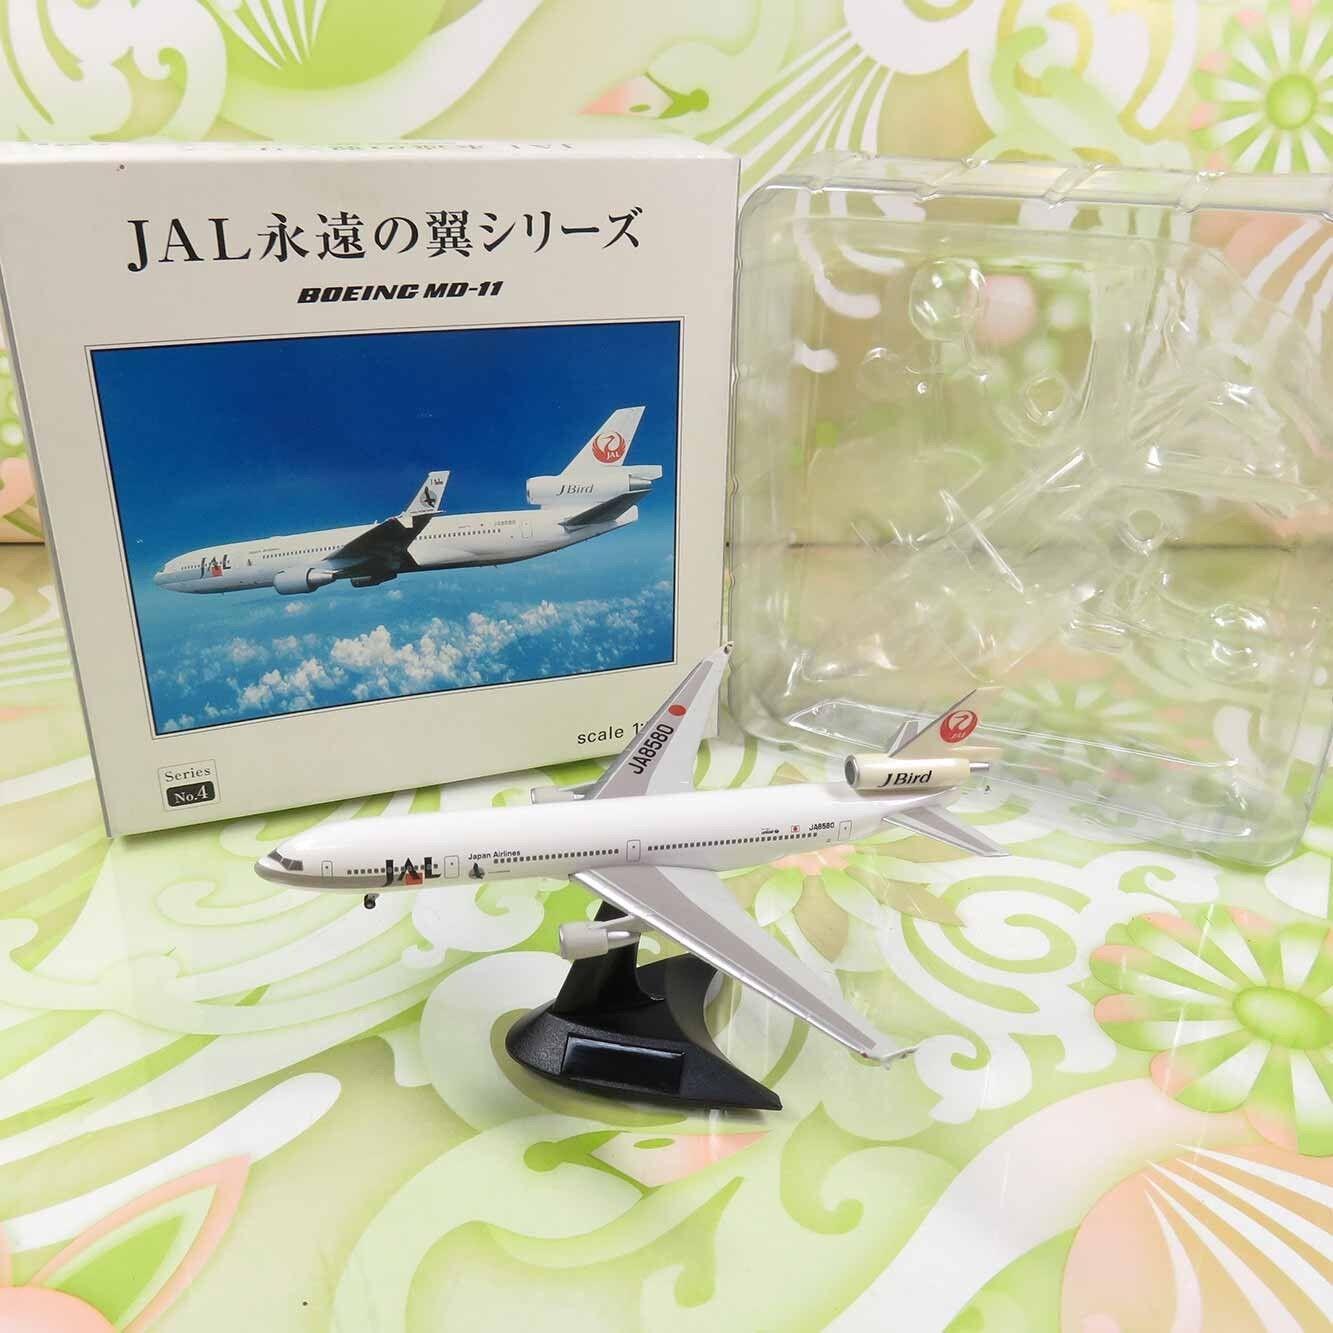 HERPA JE2009 Series 4 -1 500 - Japan Airlines - Boeing MD-11 - OVP -  J10847